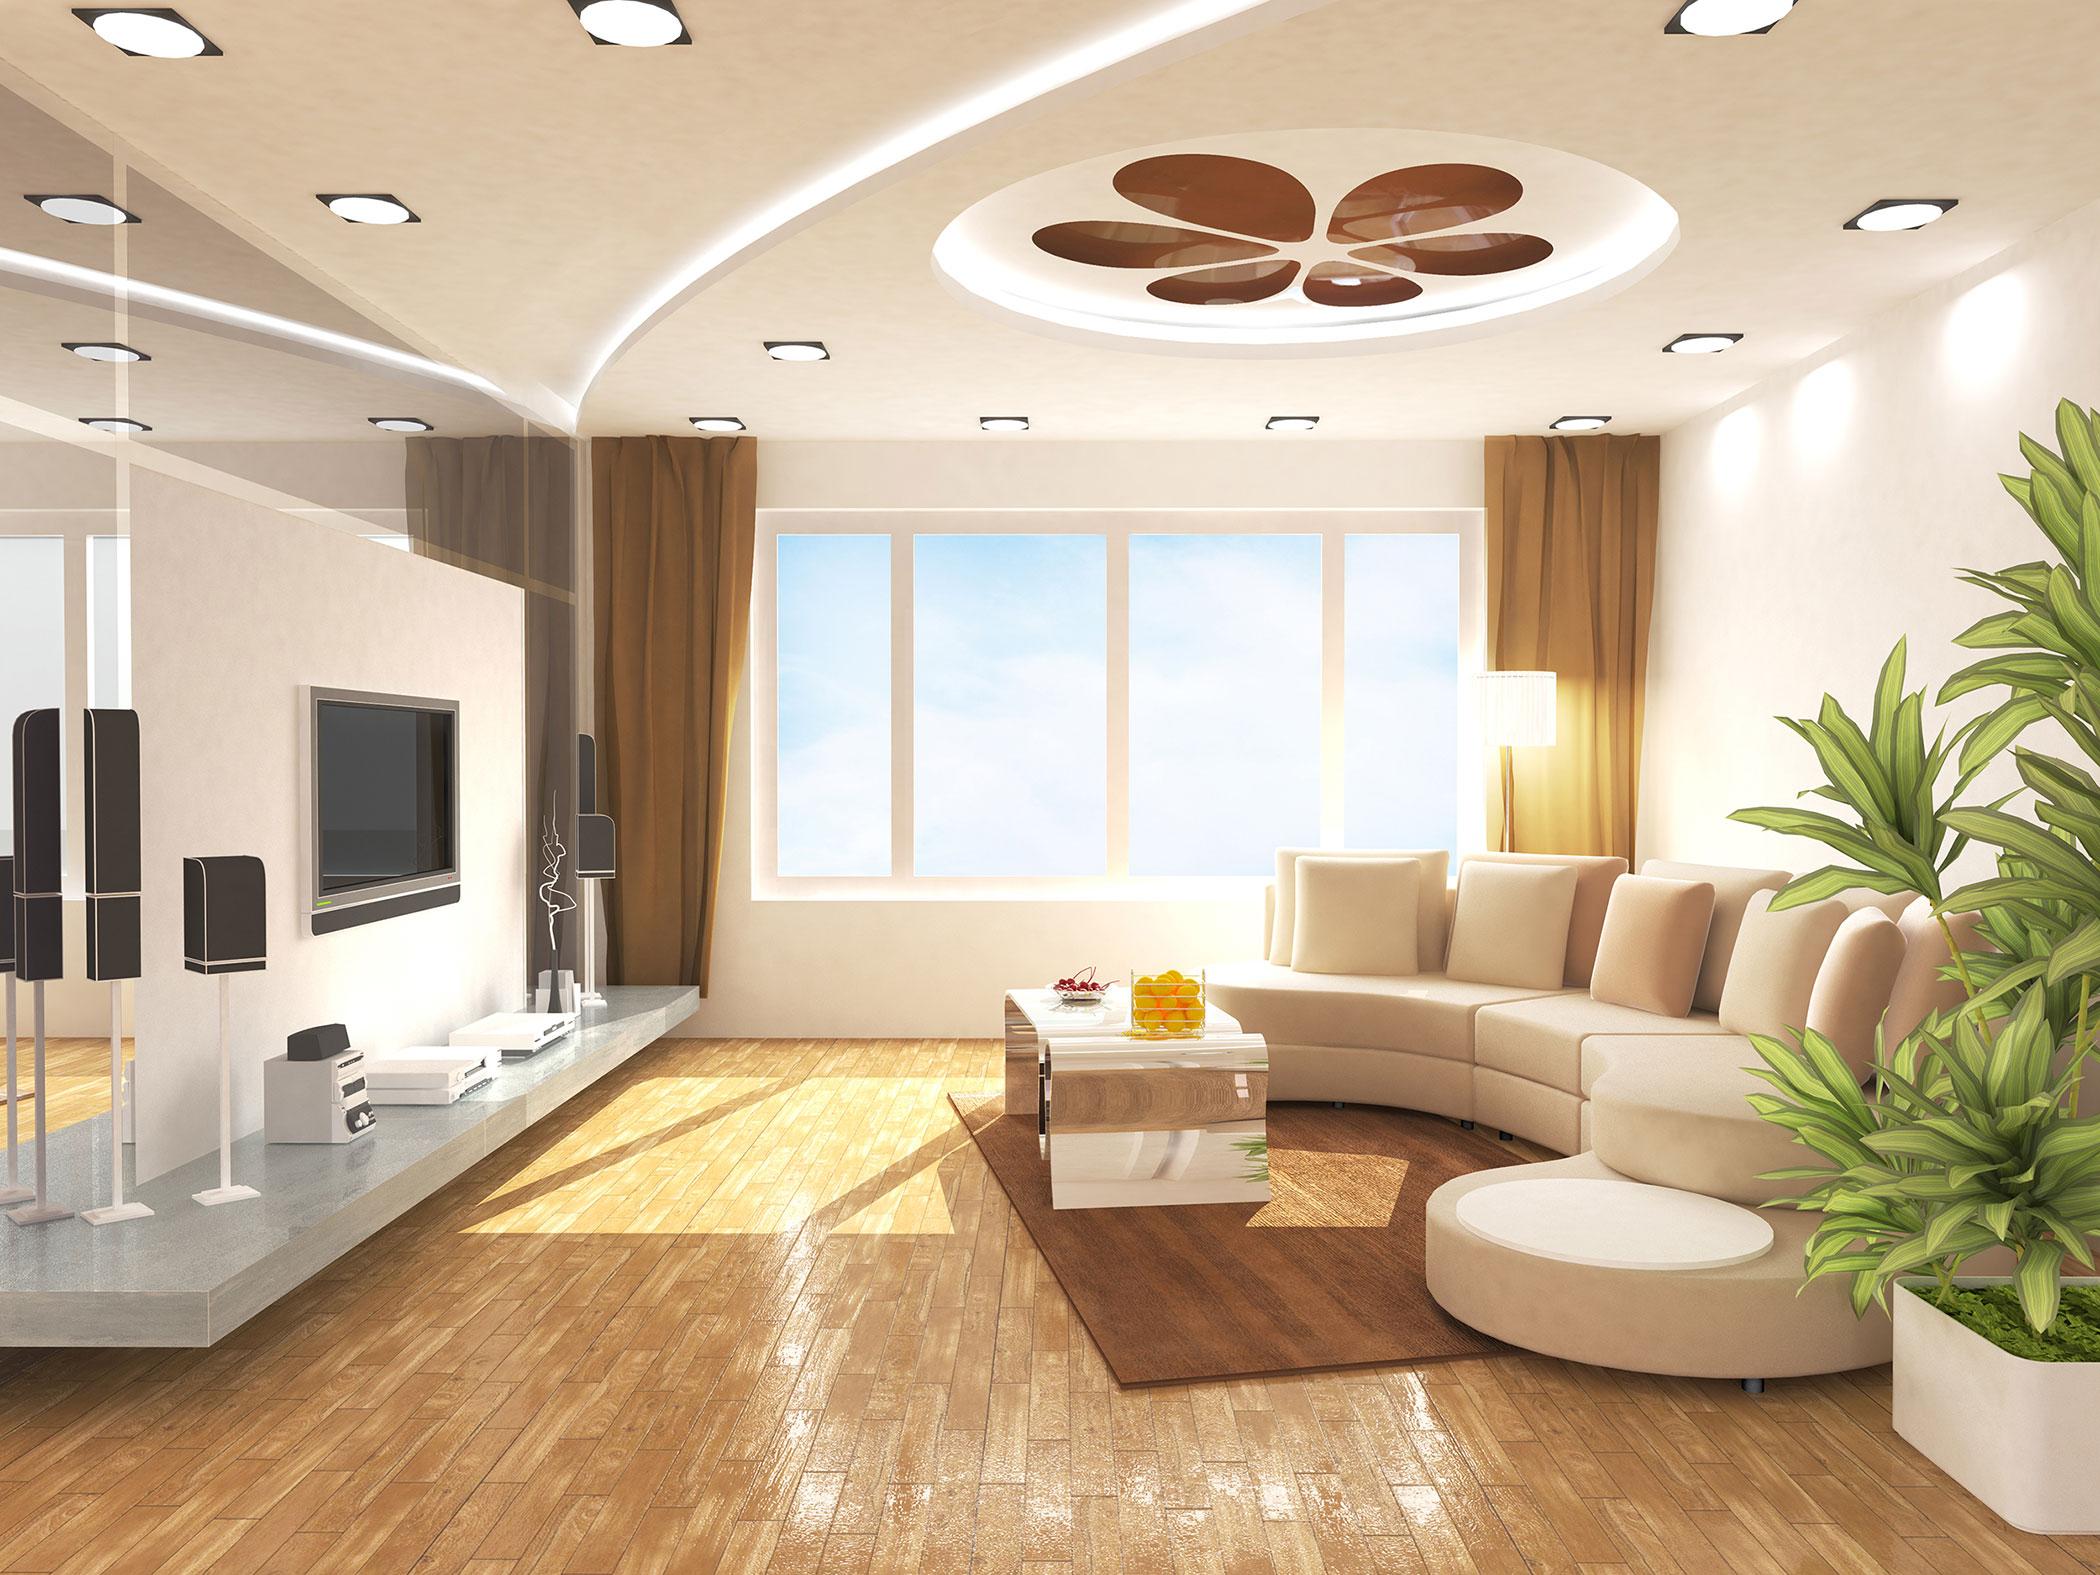 эксклюзивный натяжной потолок в гостиной